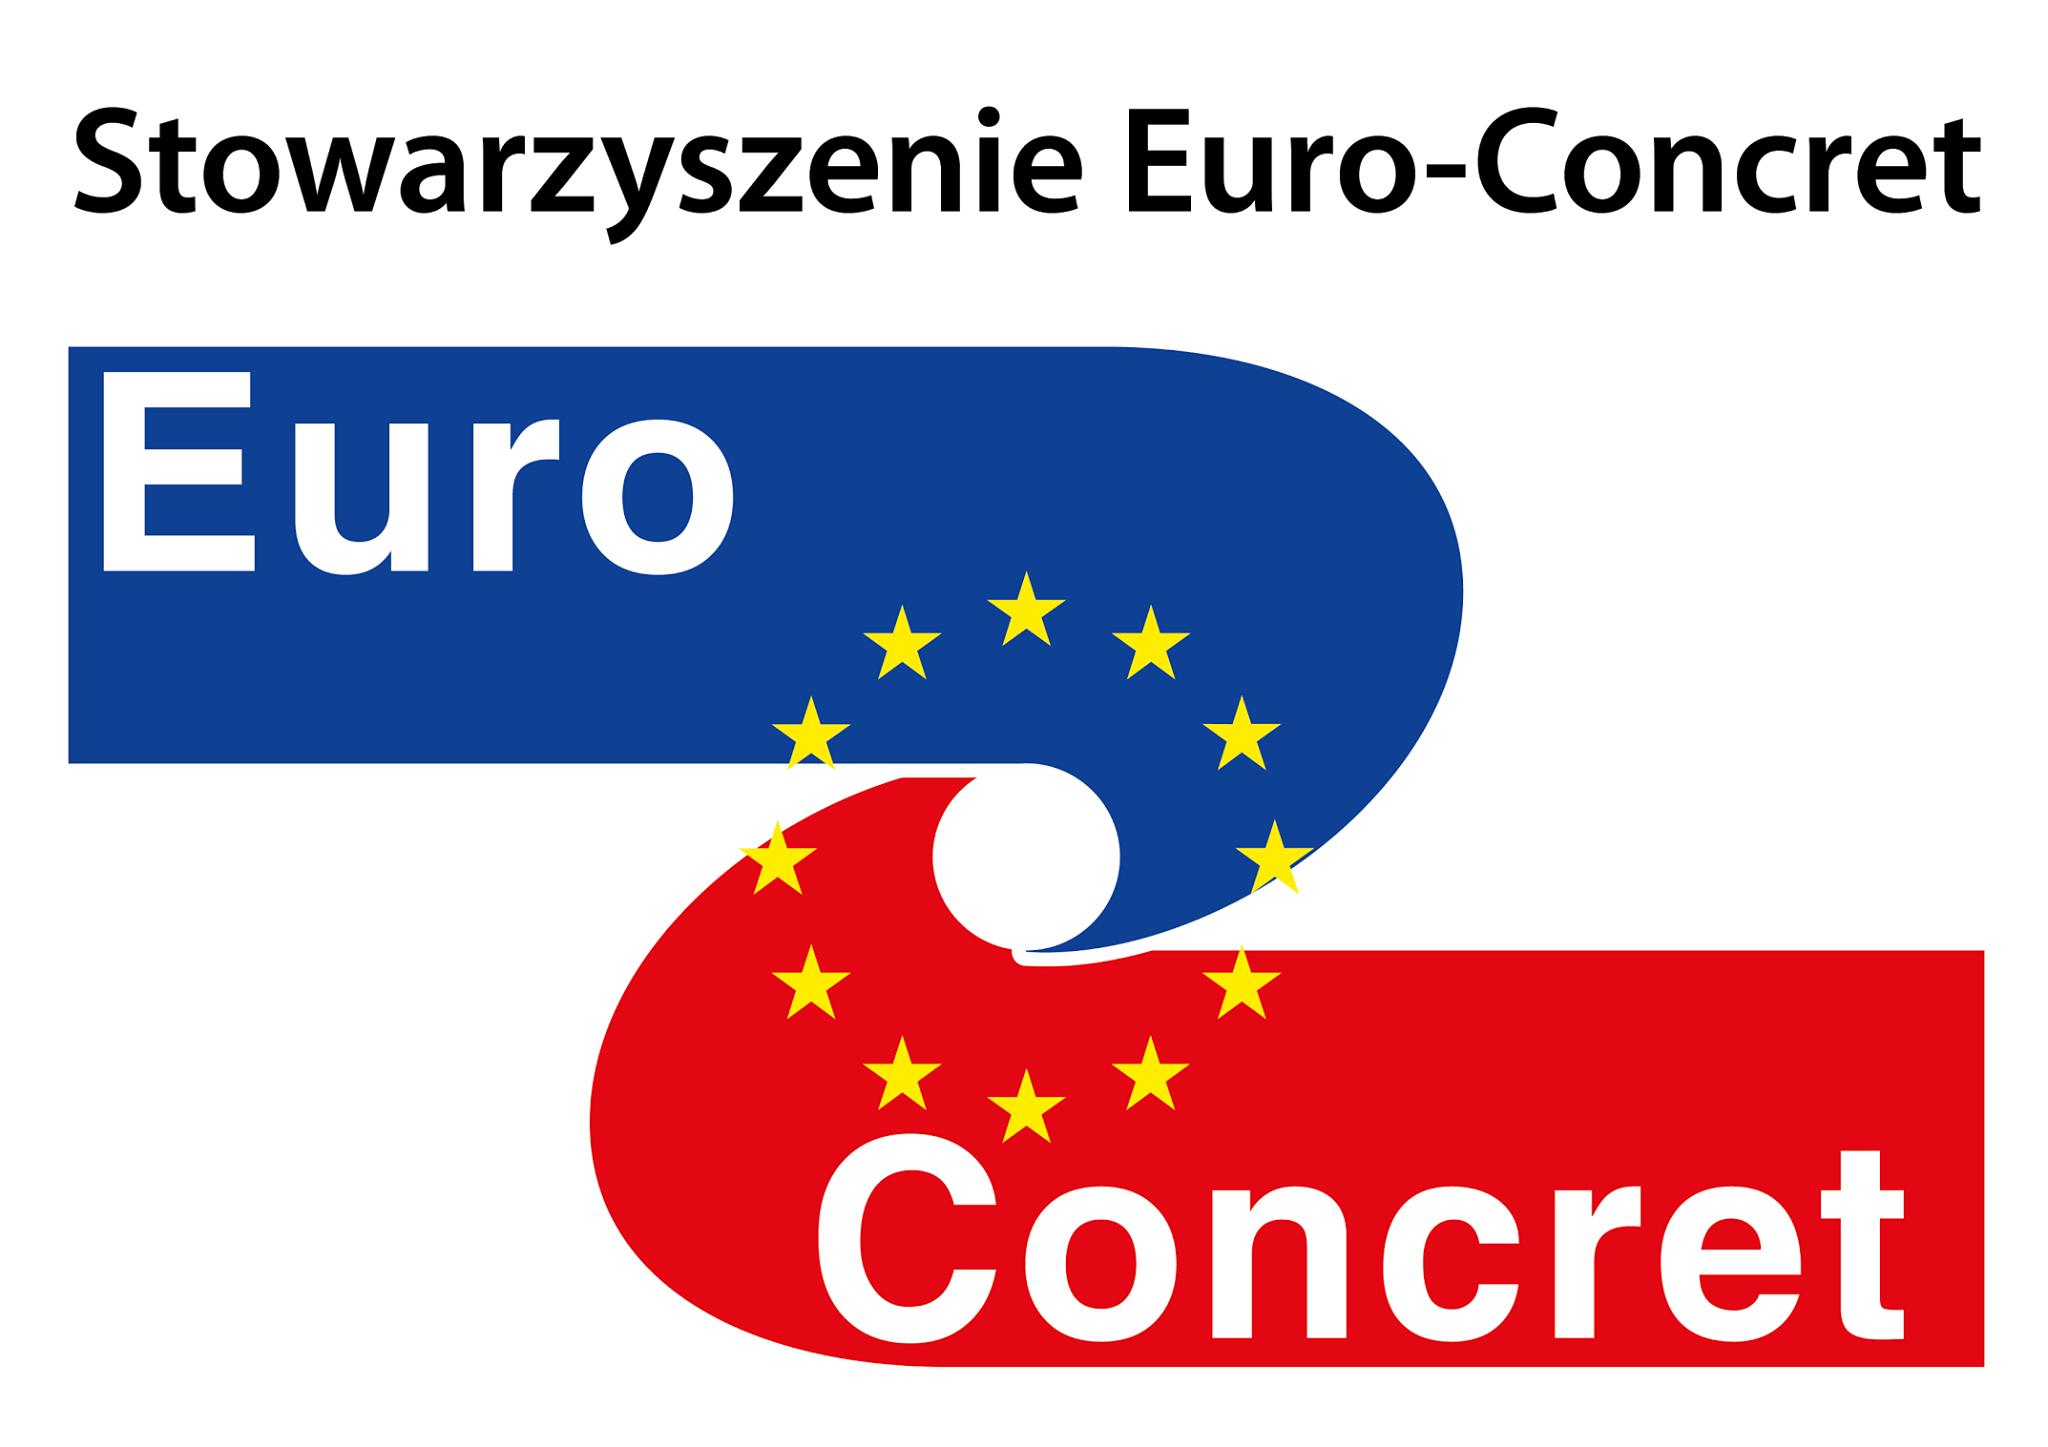 Zdjęcie przedstawia logo Stowarzyszenia Euro-Concret